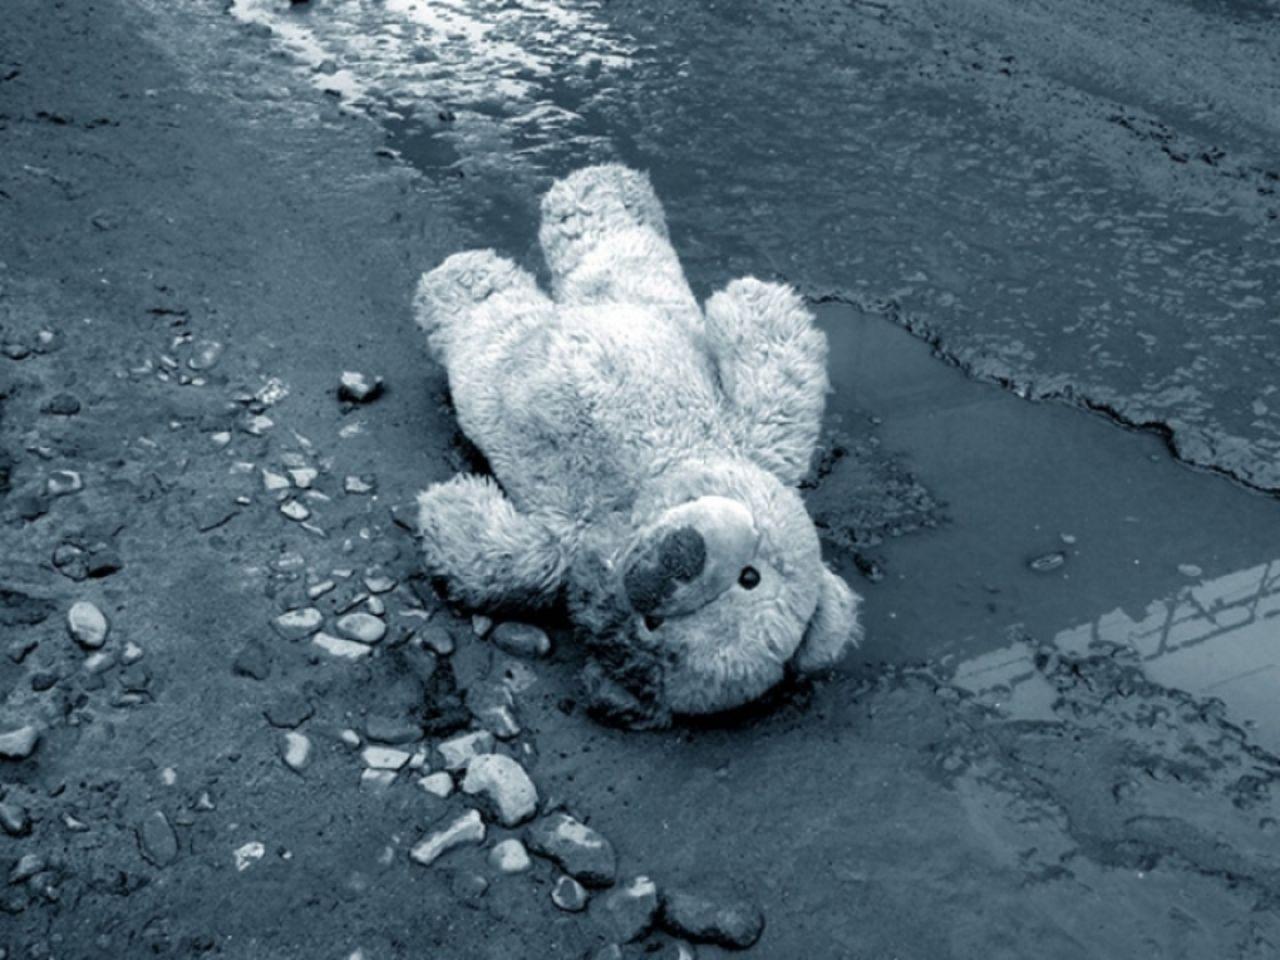 Мокрая дорога стала предпосылкой смертельной трагедии вТюменской области